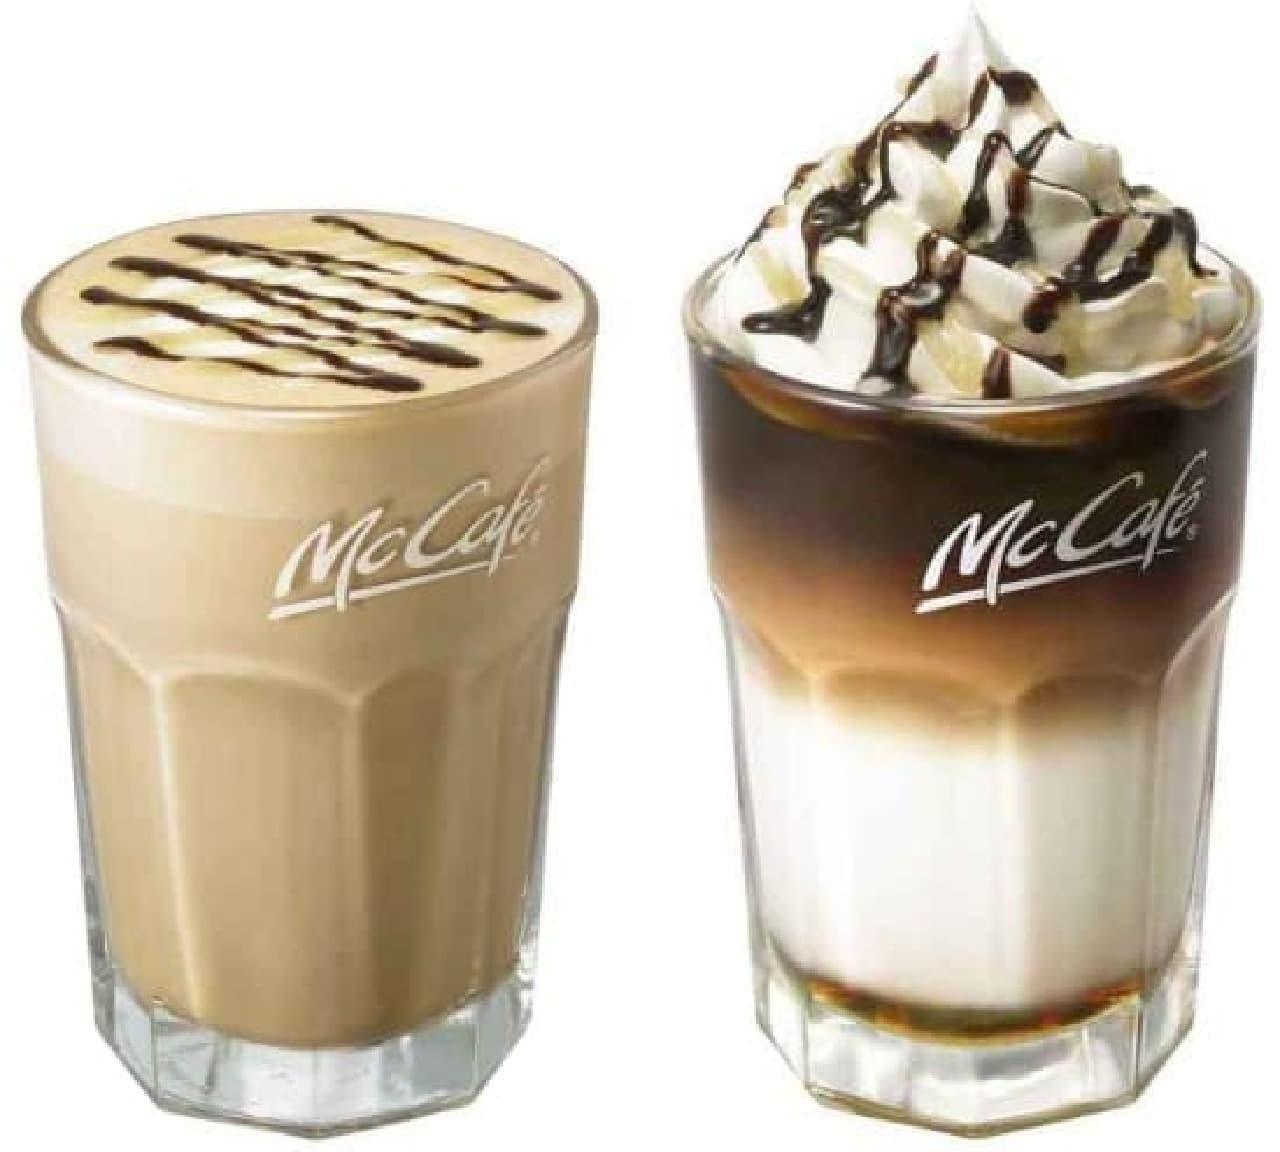 マックカフェ「アイスチョコバナナラテ」と「チョコバナナラテ」